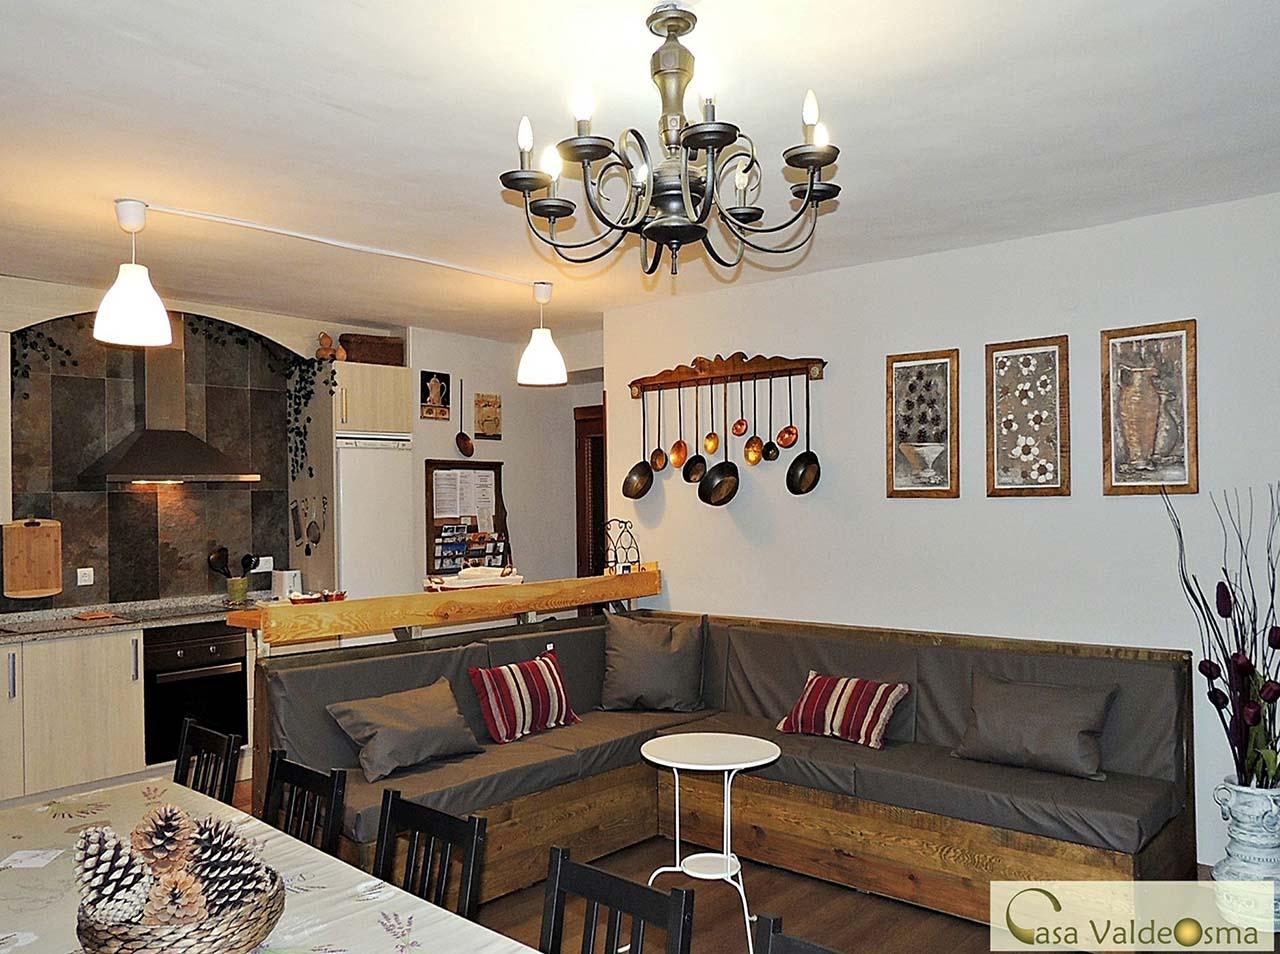 Casa Rural ValdeOsma en Burgo de Osma, Soria